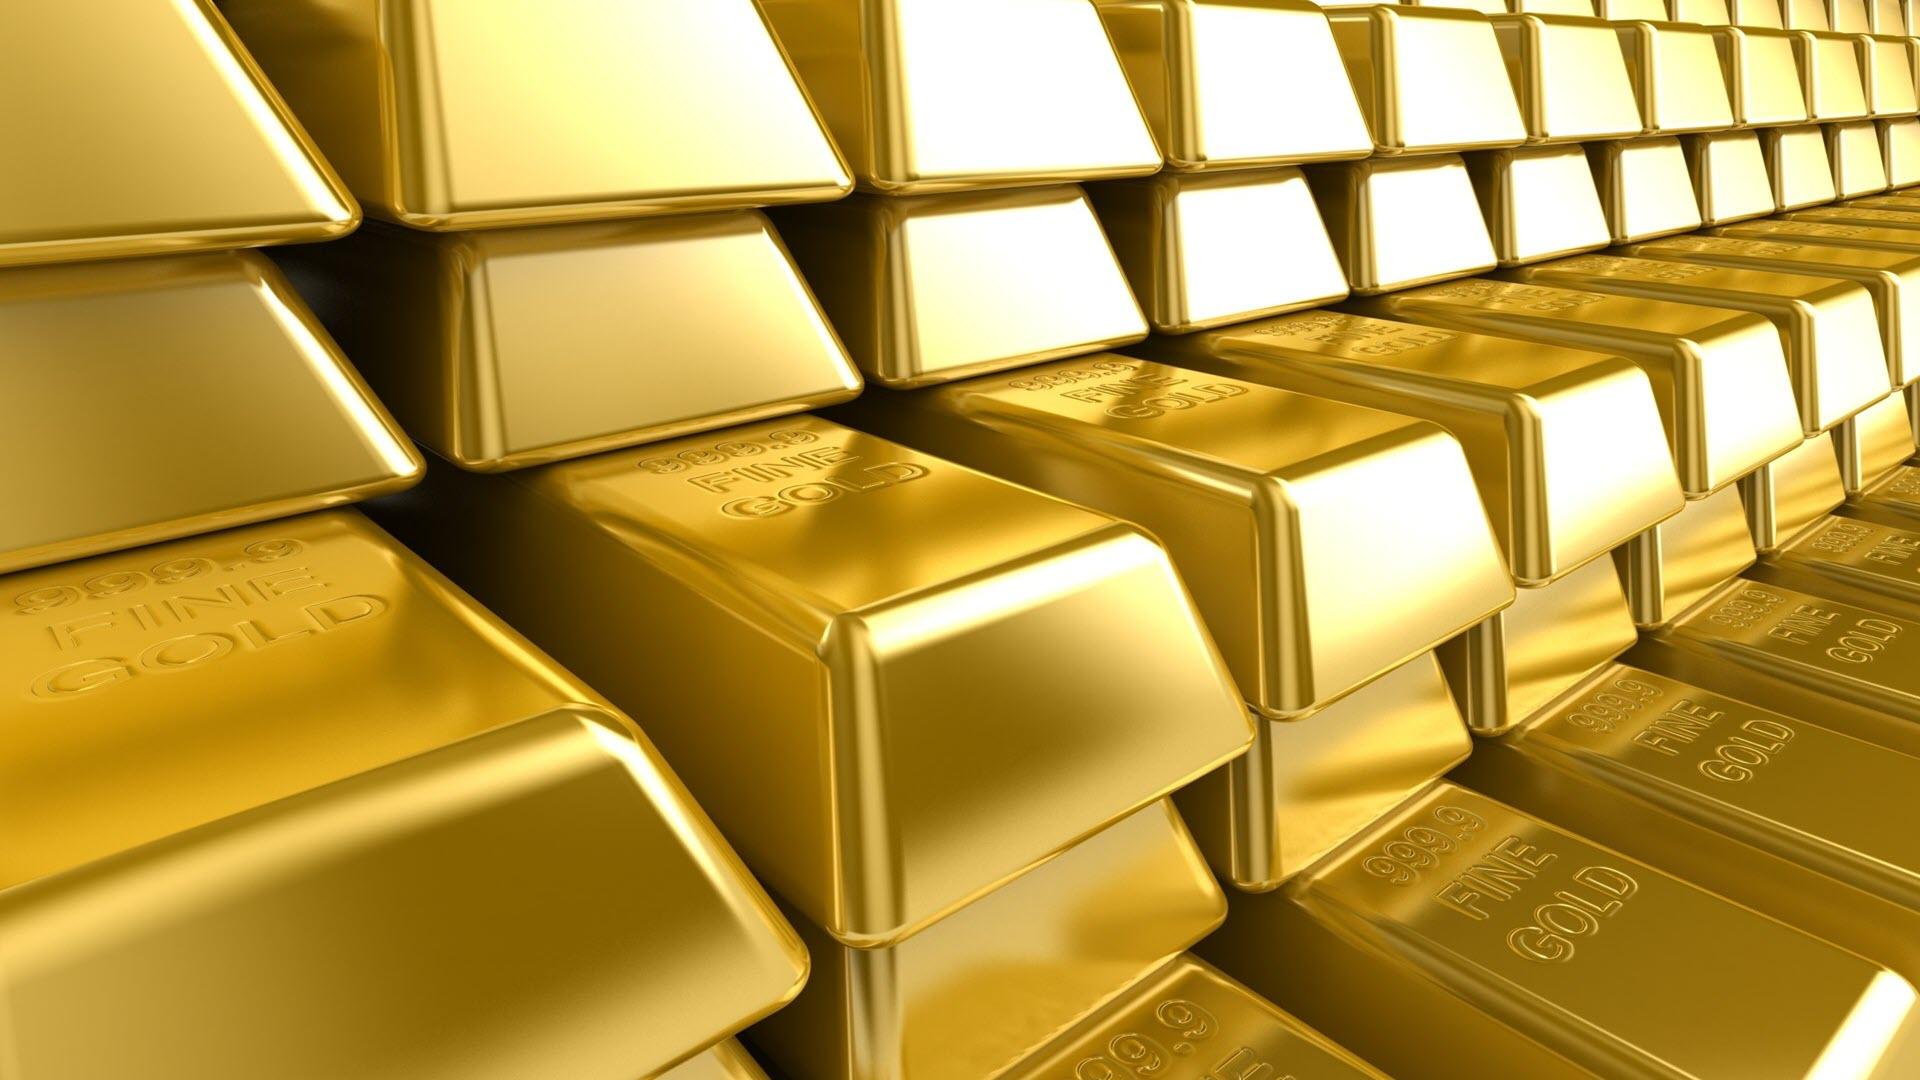 Hình nền vàng thỏi